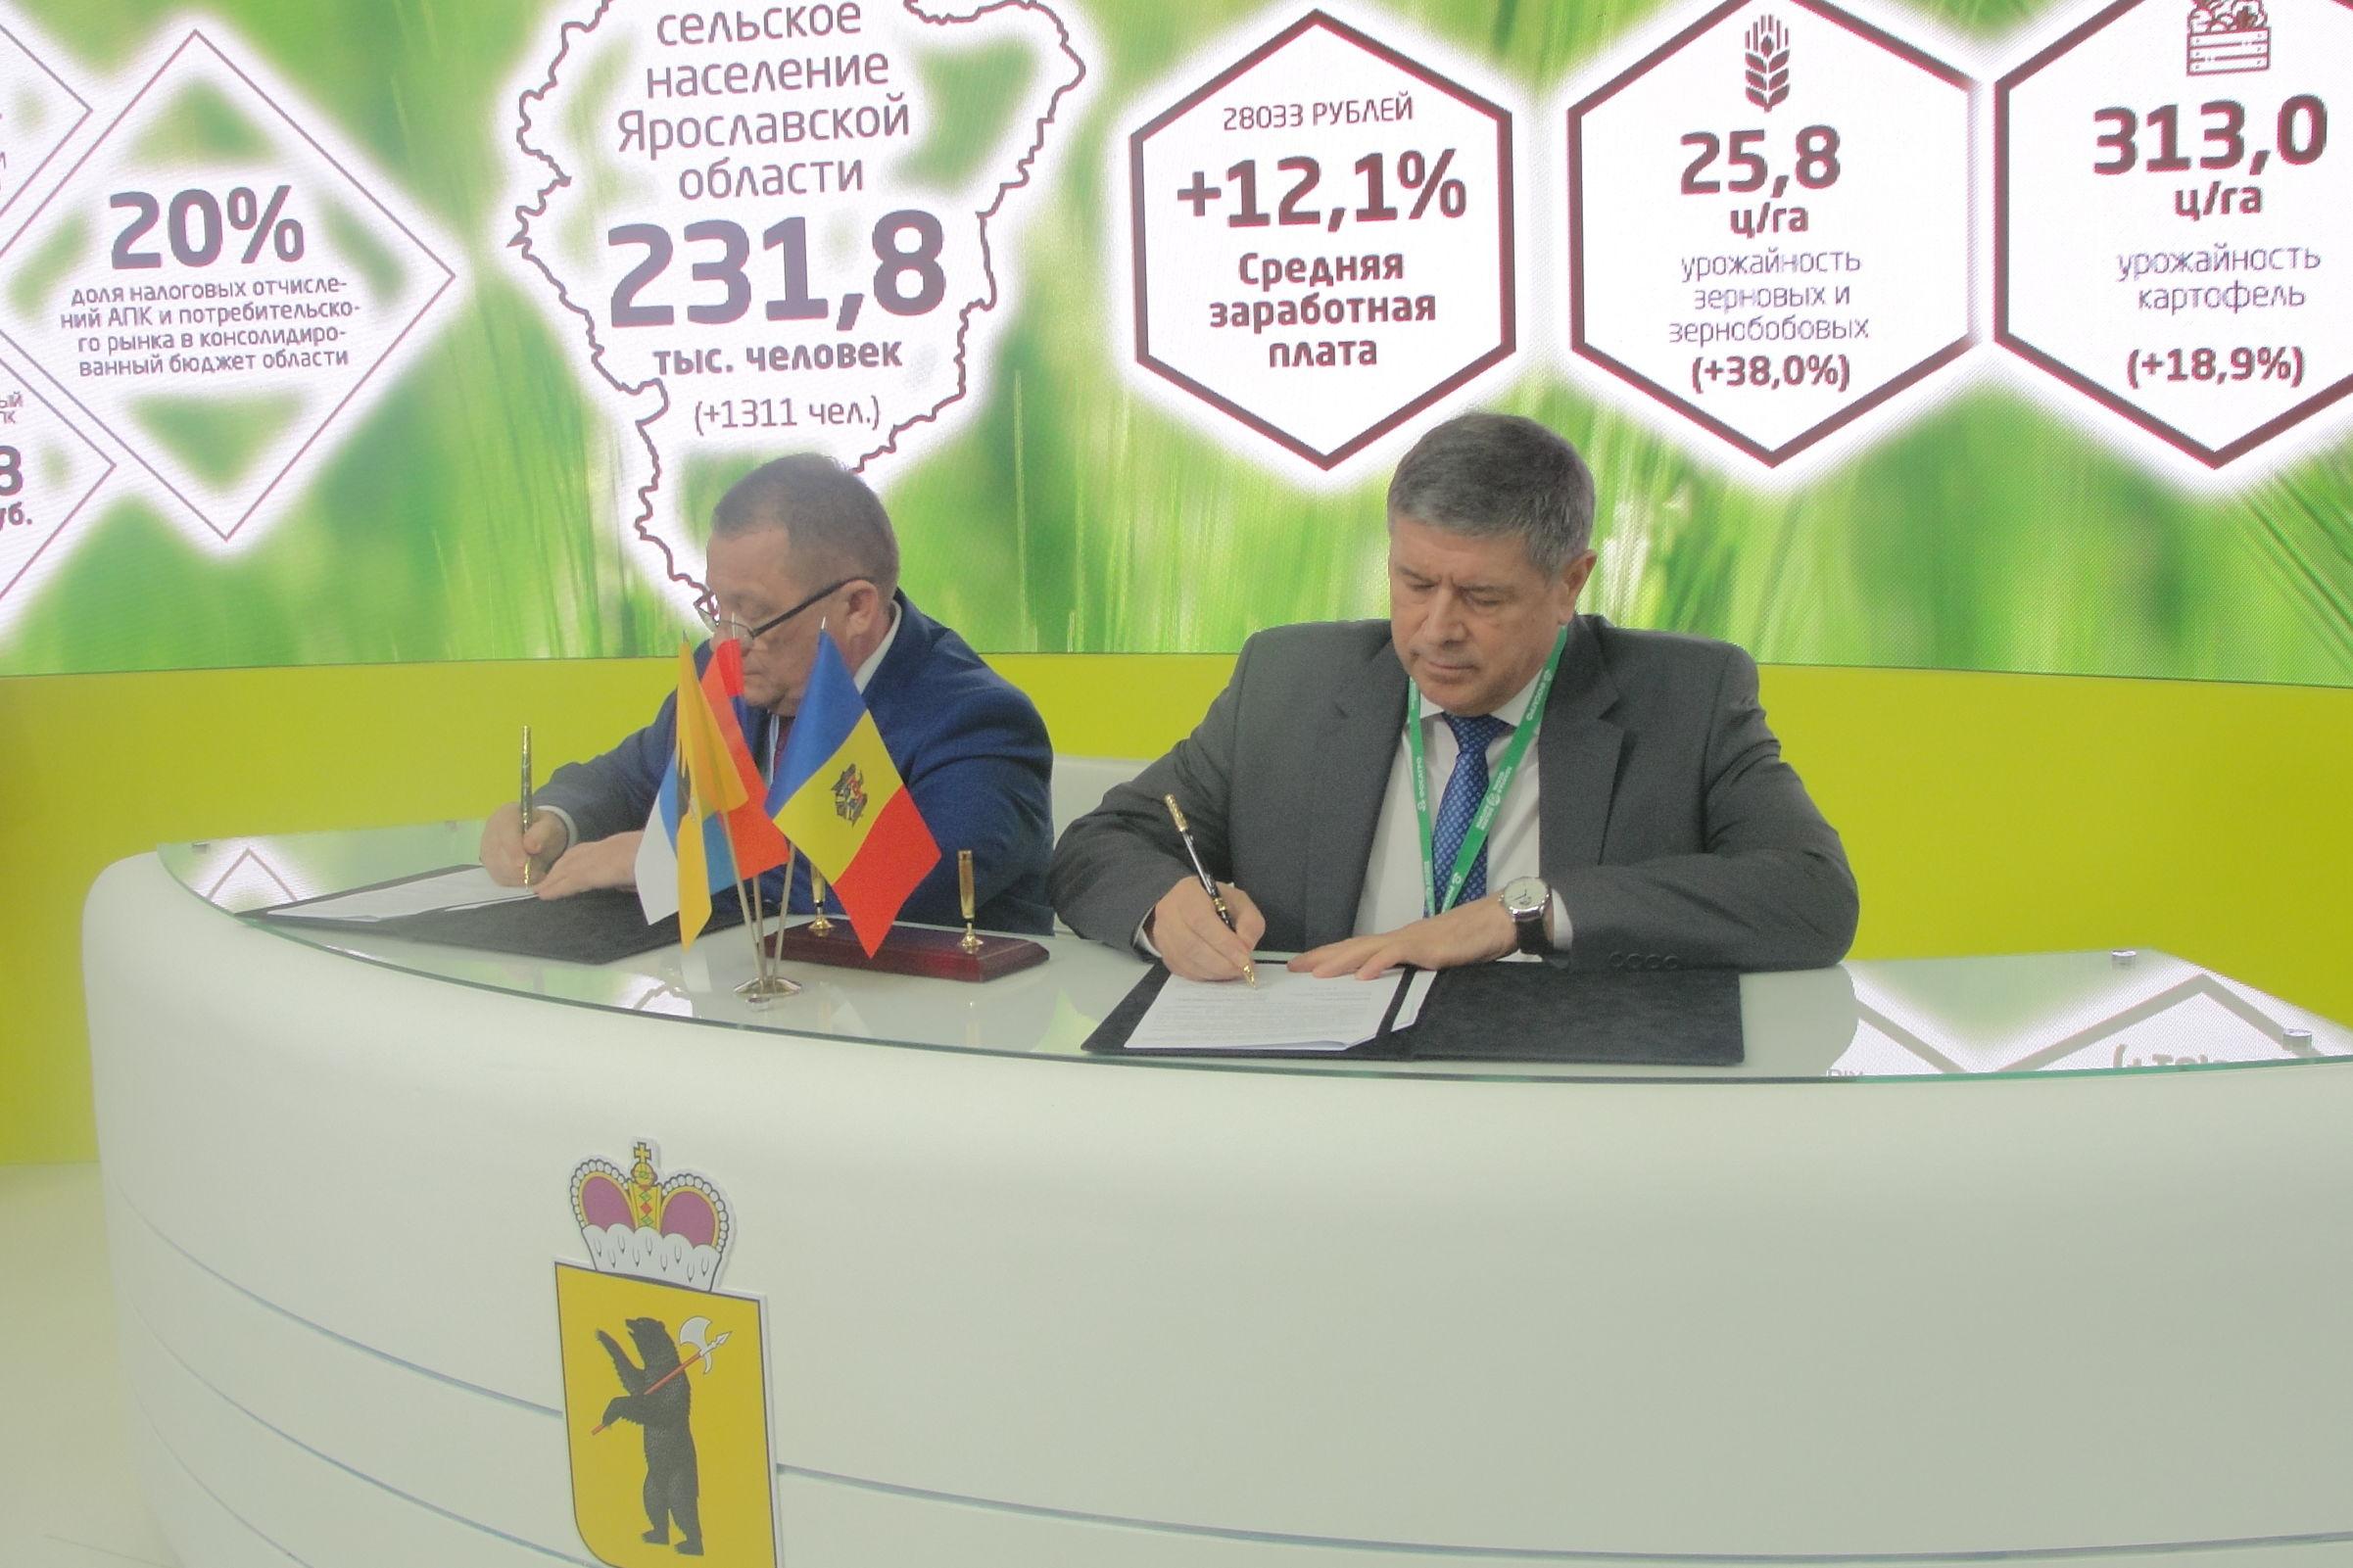 Ярославская область планирует сотрудничать с рядом государств